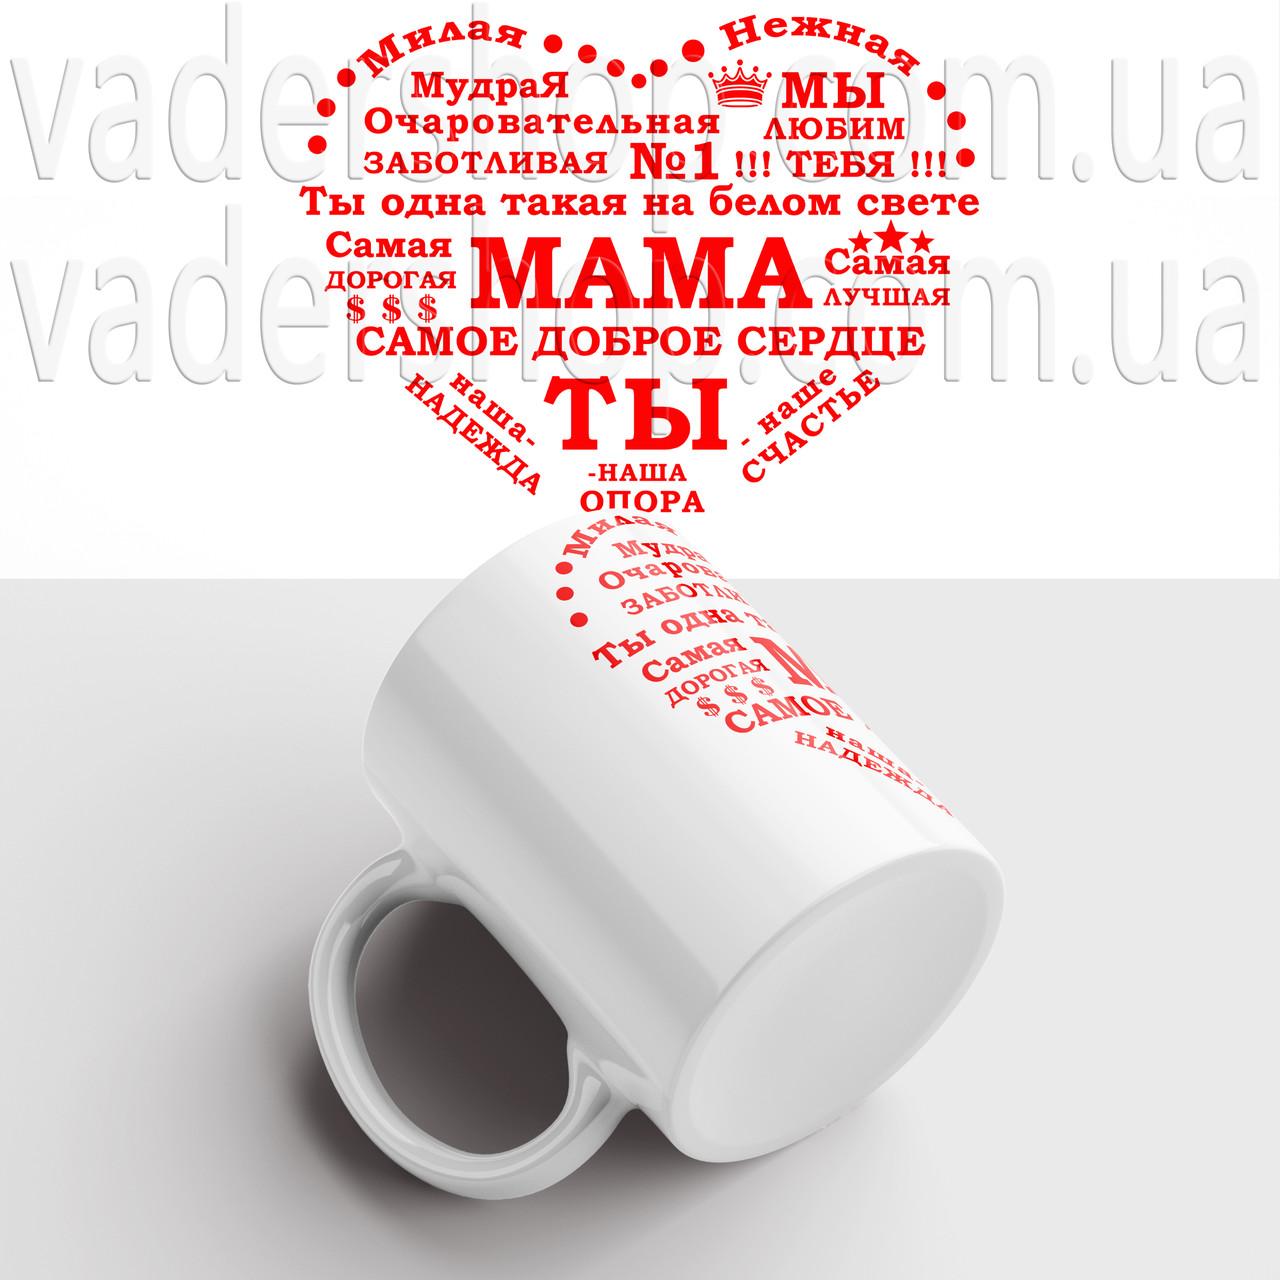 Чашка подарок Маме. Кружка с принтом Самая лучшая Мама. Чашка с фото